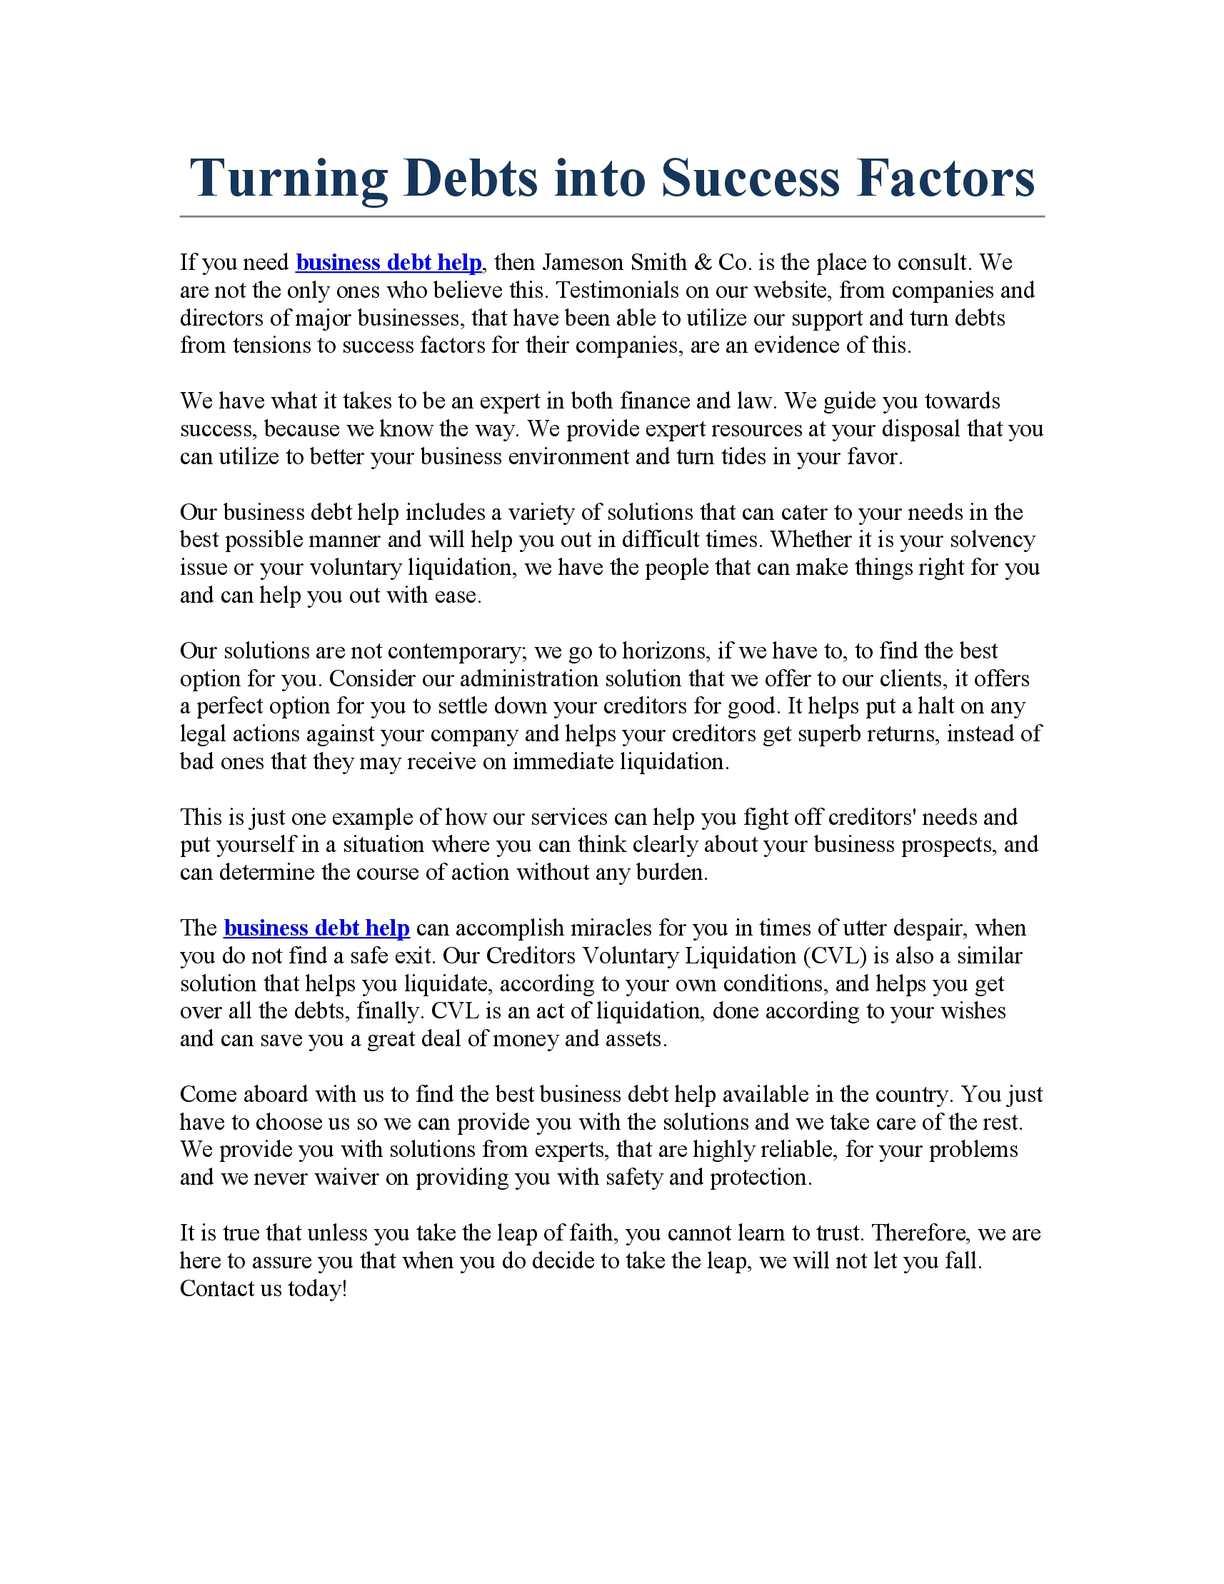 Calaméo - Turning Debts into Success Factors